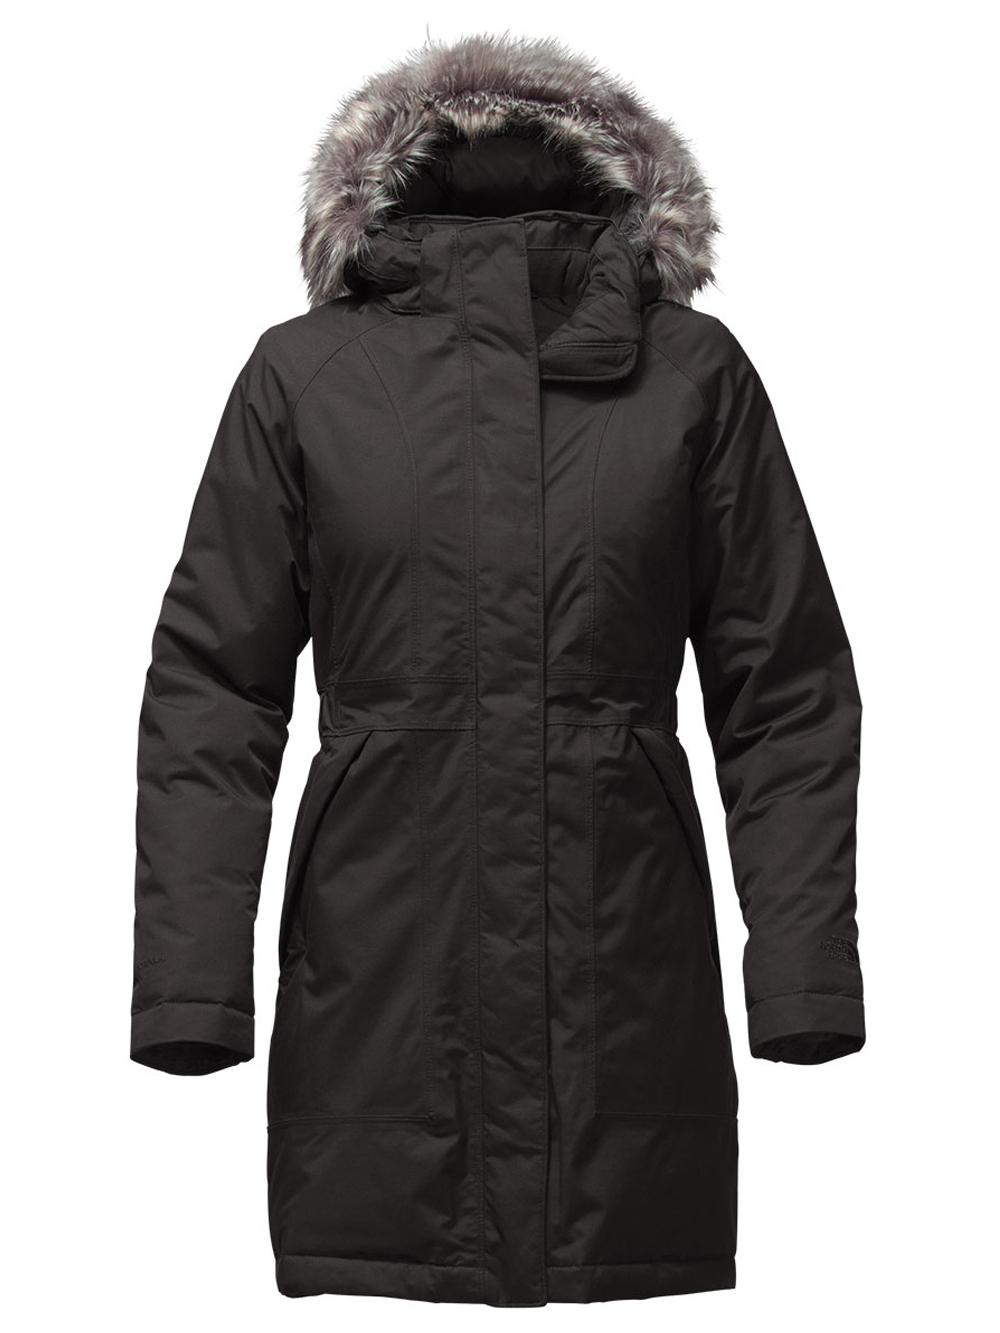 The North Face Women's Arctic Down Parka (Sizes S - L) - black, m